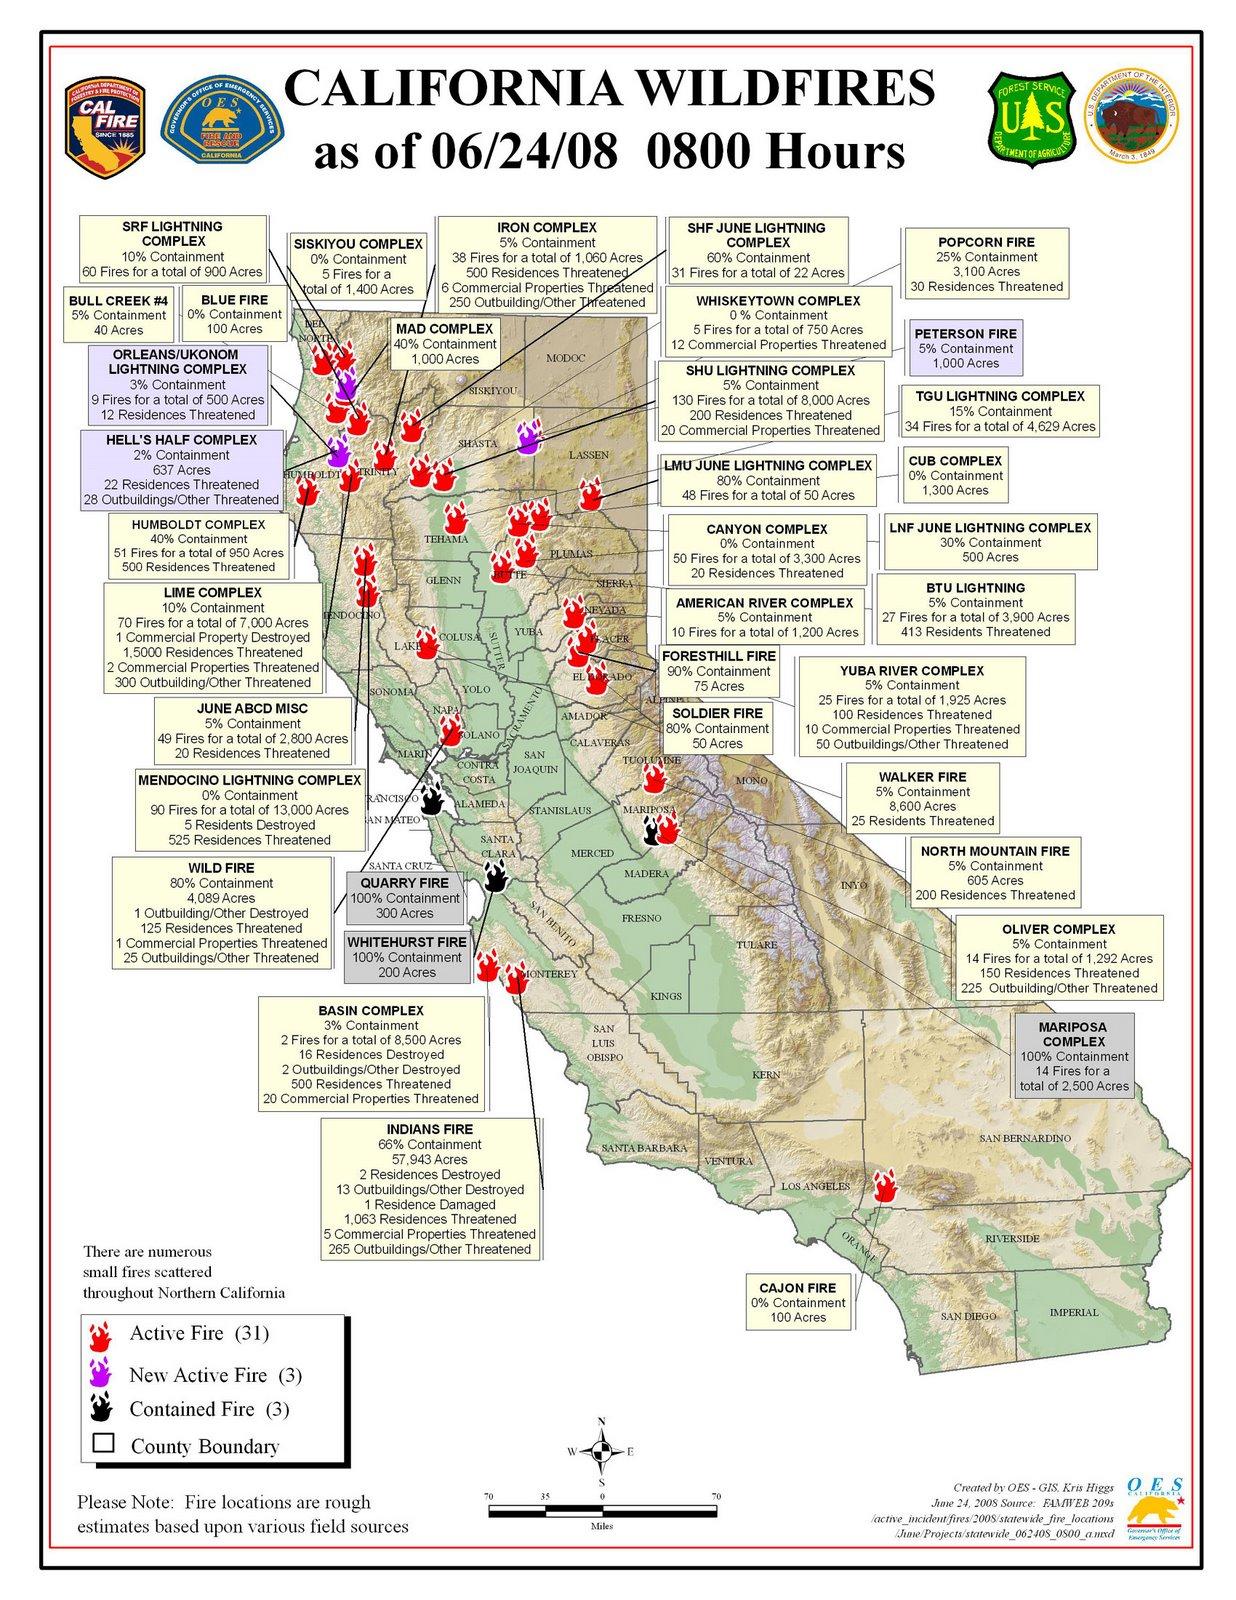 Firesam Hd Hq Map Fire Map California Fires Current - Klipy - California Fire Map Now